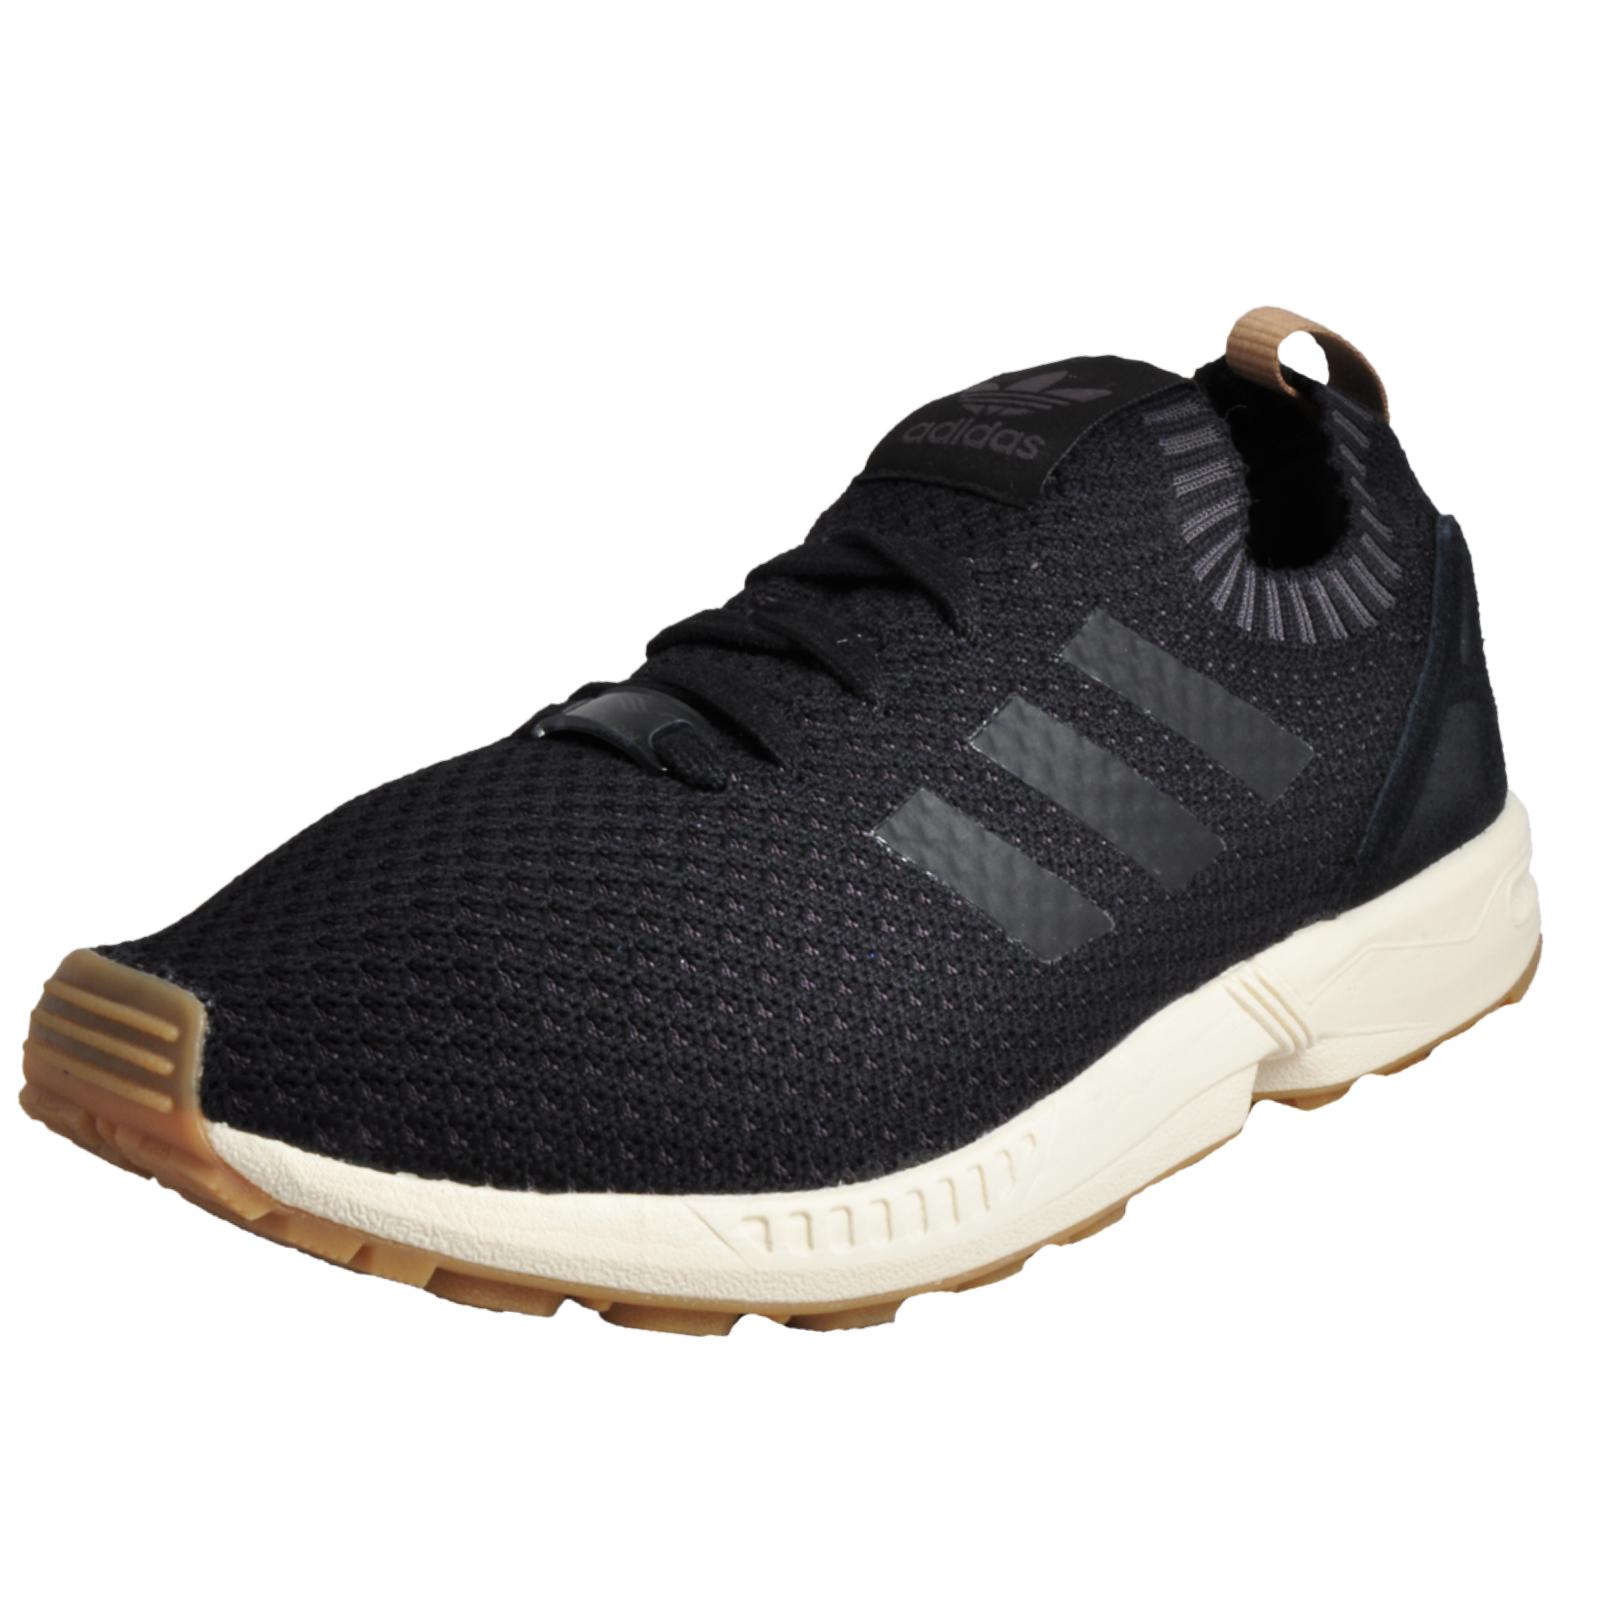 meet 99394 a1319 Details about Adidas Originals ZX Flux Primeknit Men s Casual Gym Trainers  Black